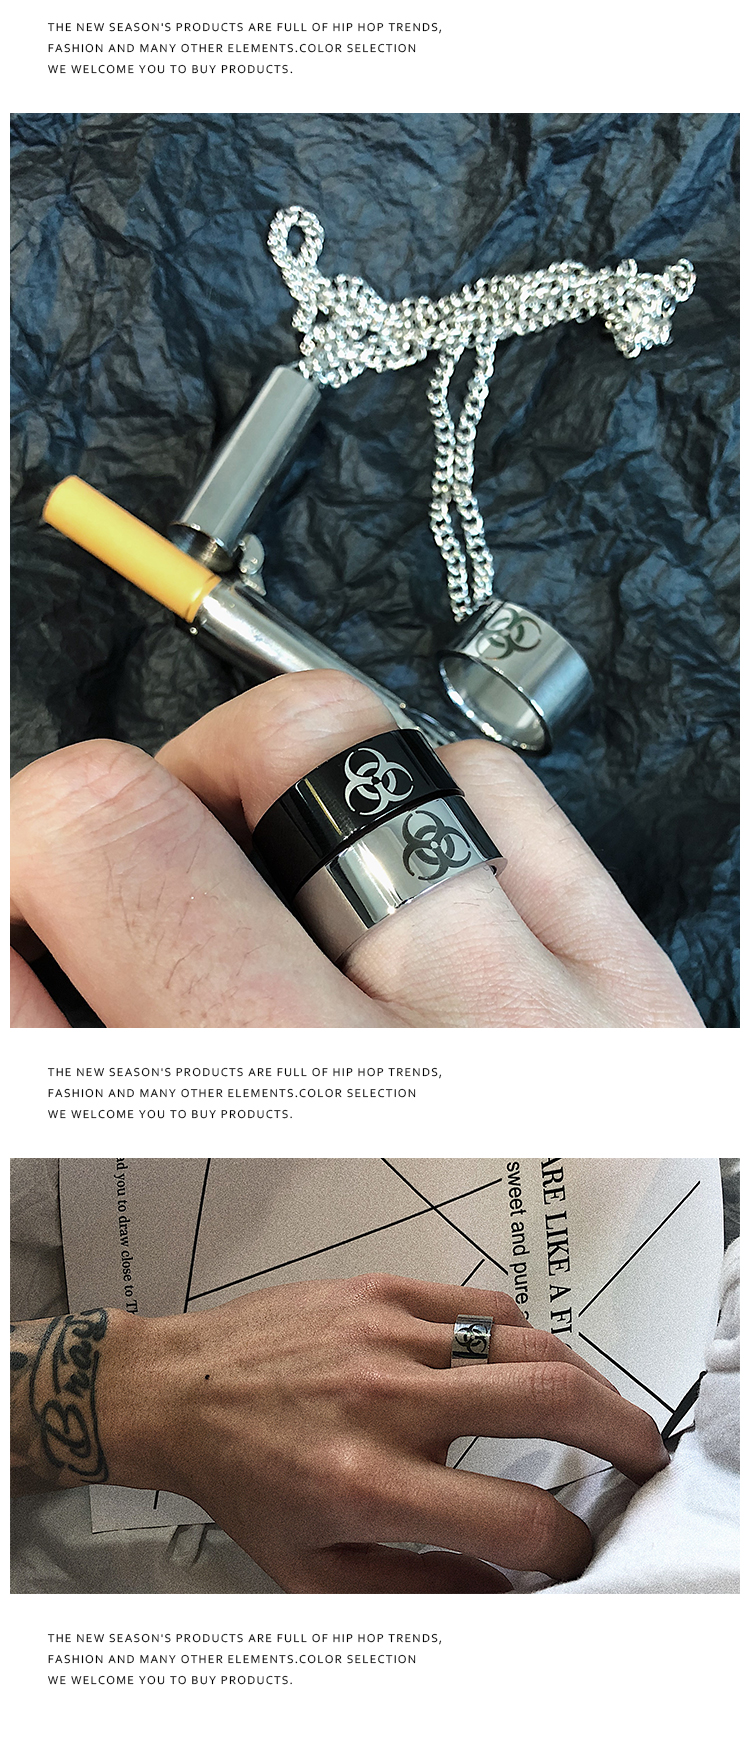 戒指 網紅同款生化符號日韓暗黑系戒指潮人百搭極簡指環圓環對戒情侶男 時尚搬運工